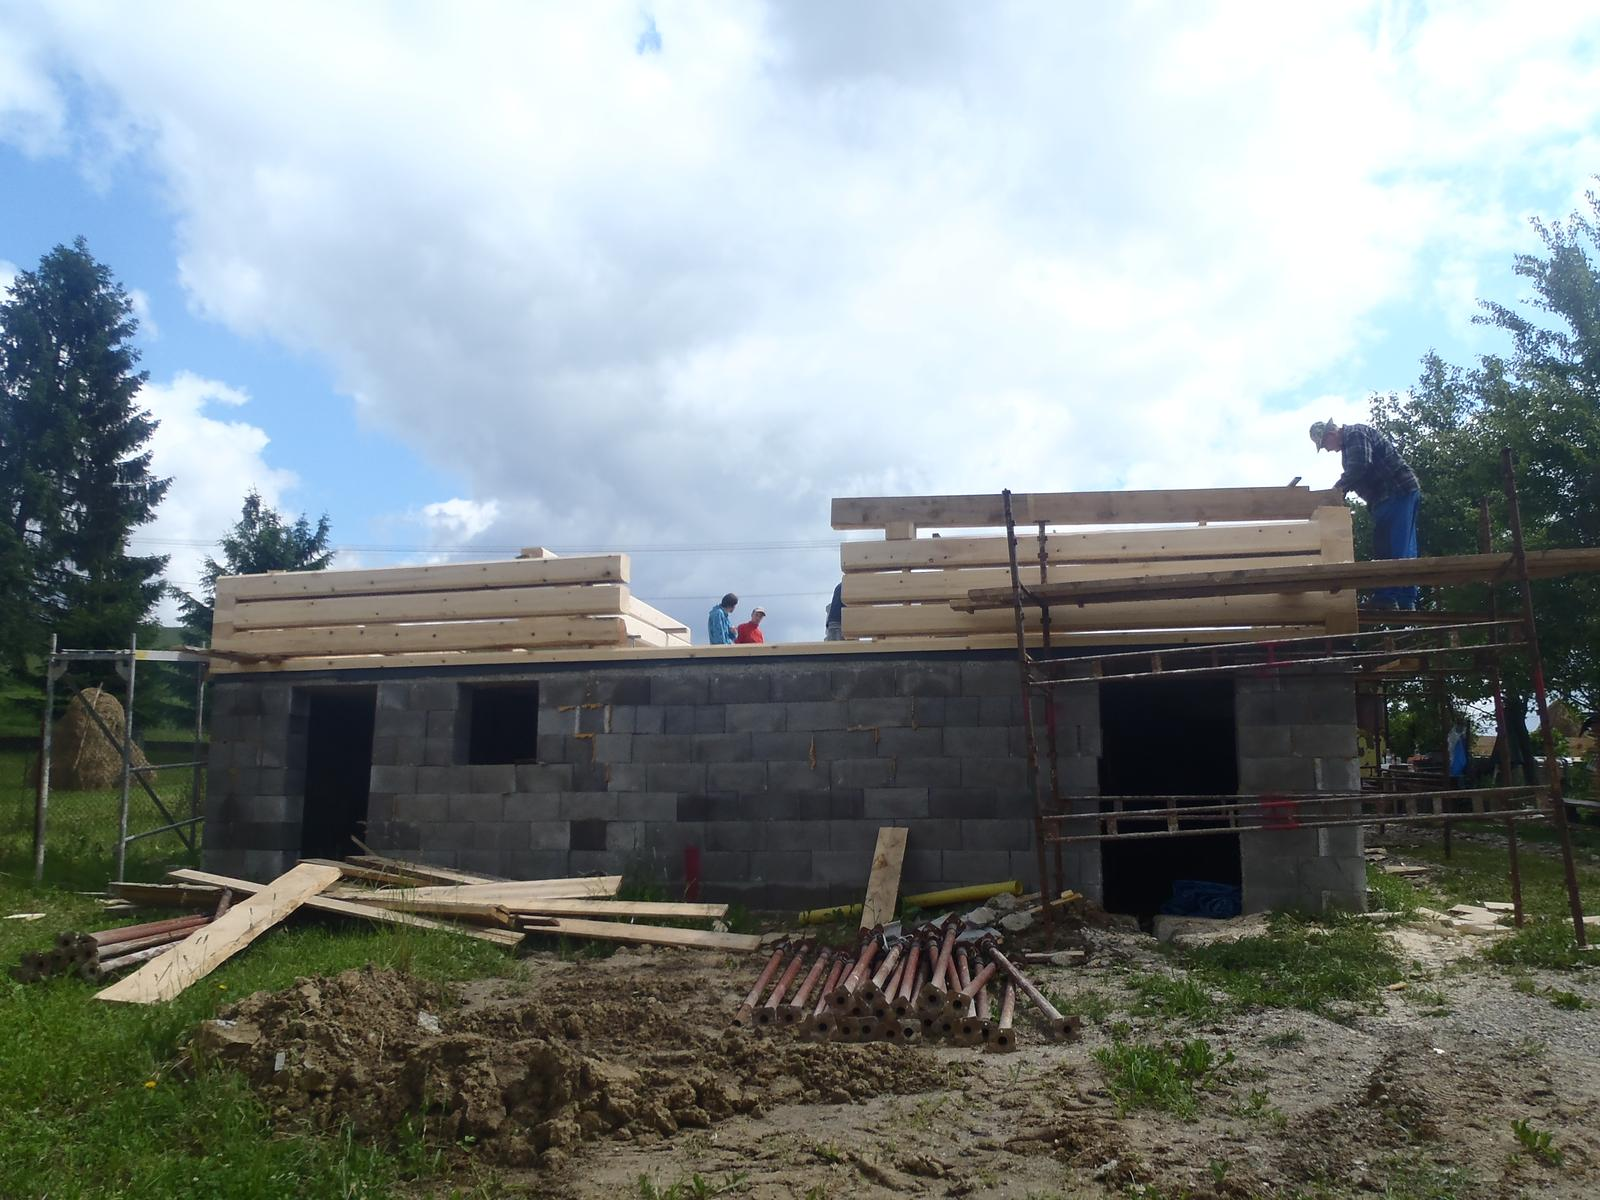 Náš veľký sen o drevenom domčeku! - Obrázok č. 60